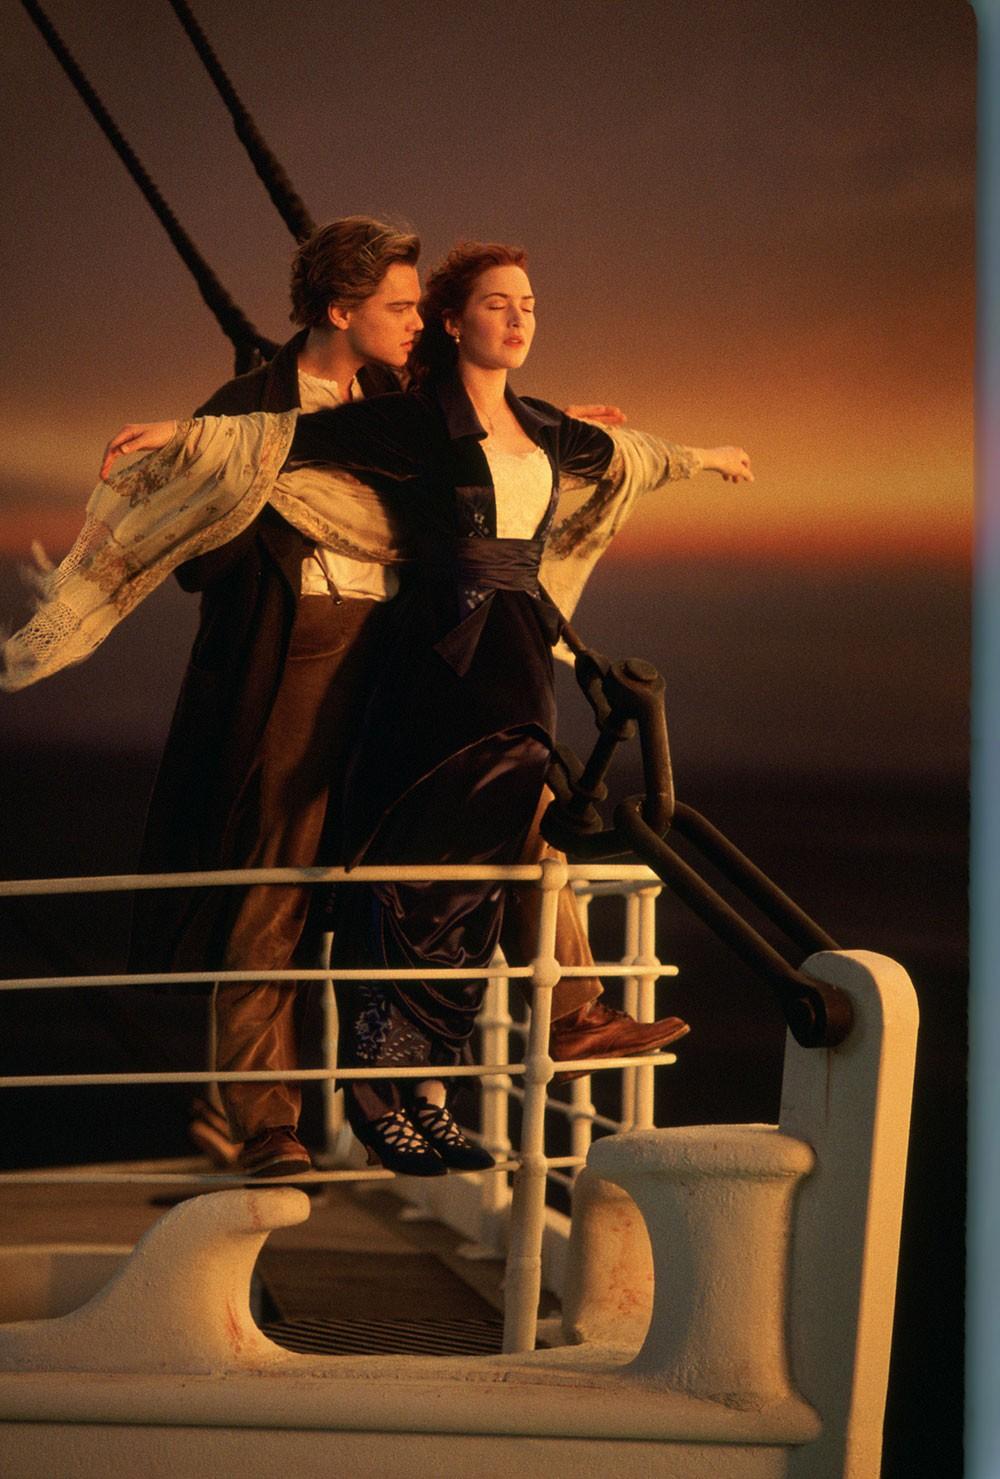 أفضل الأفلام الرومانسية الجديرة بالمشاهدة في البيت